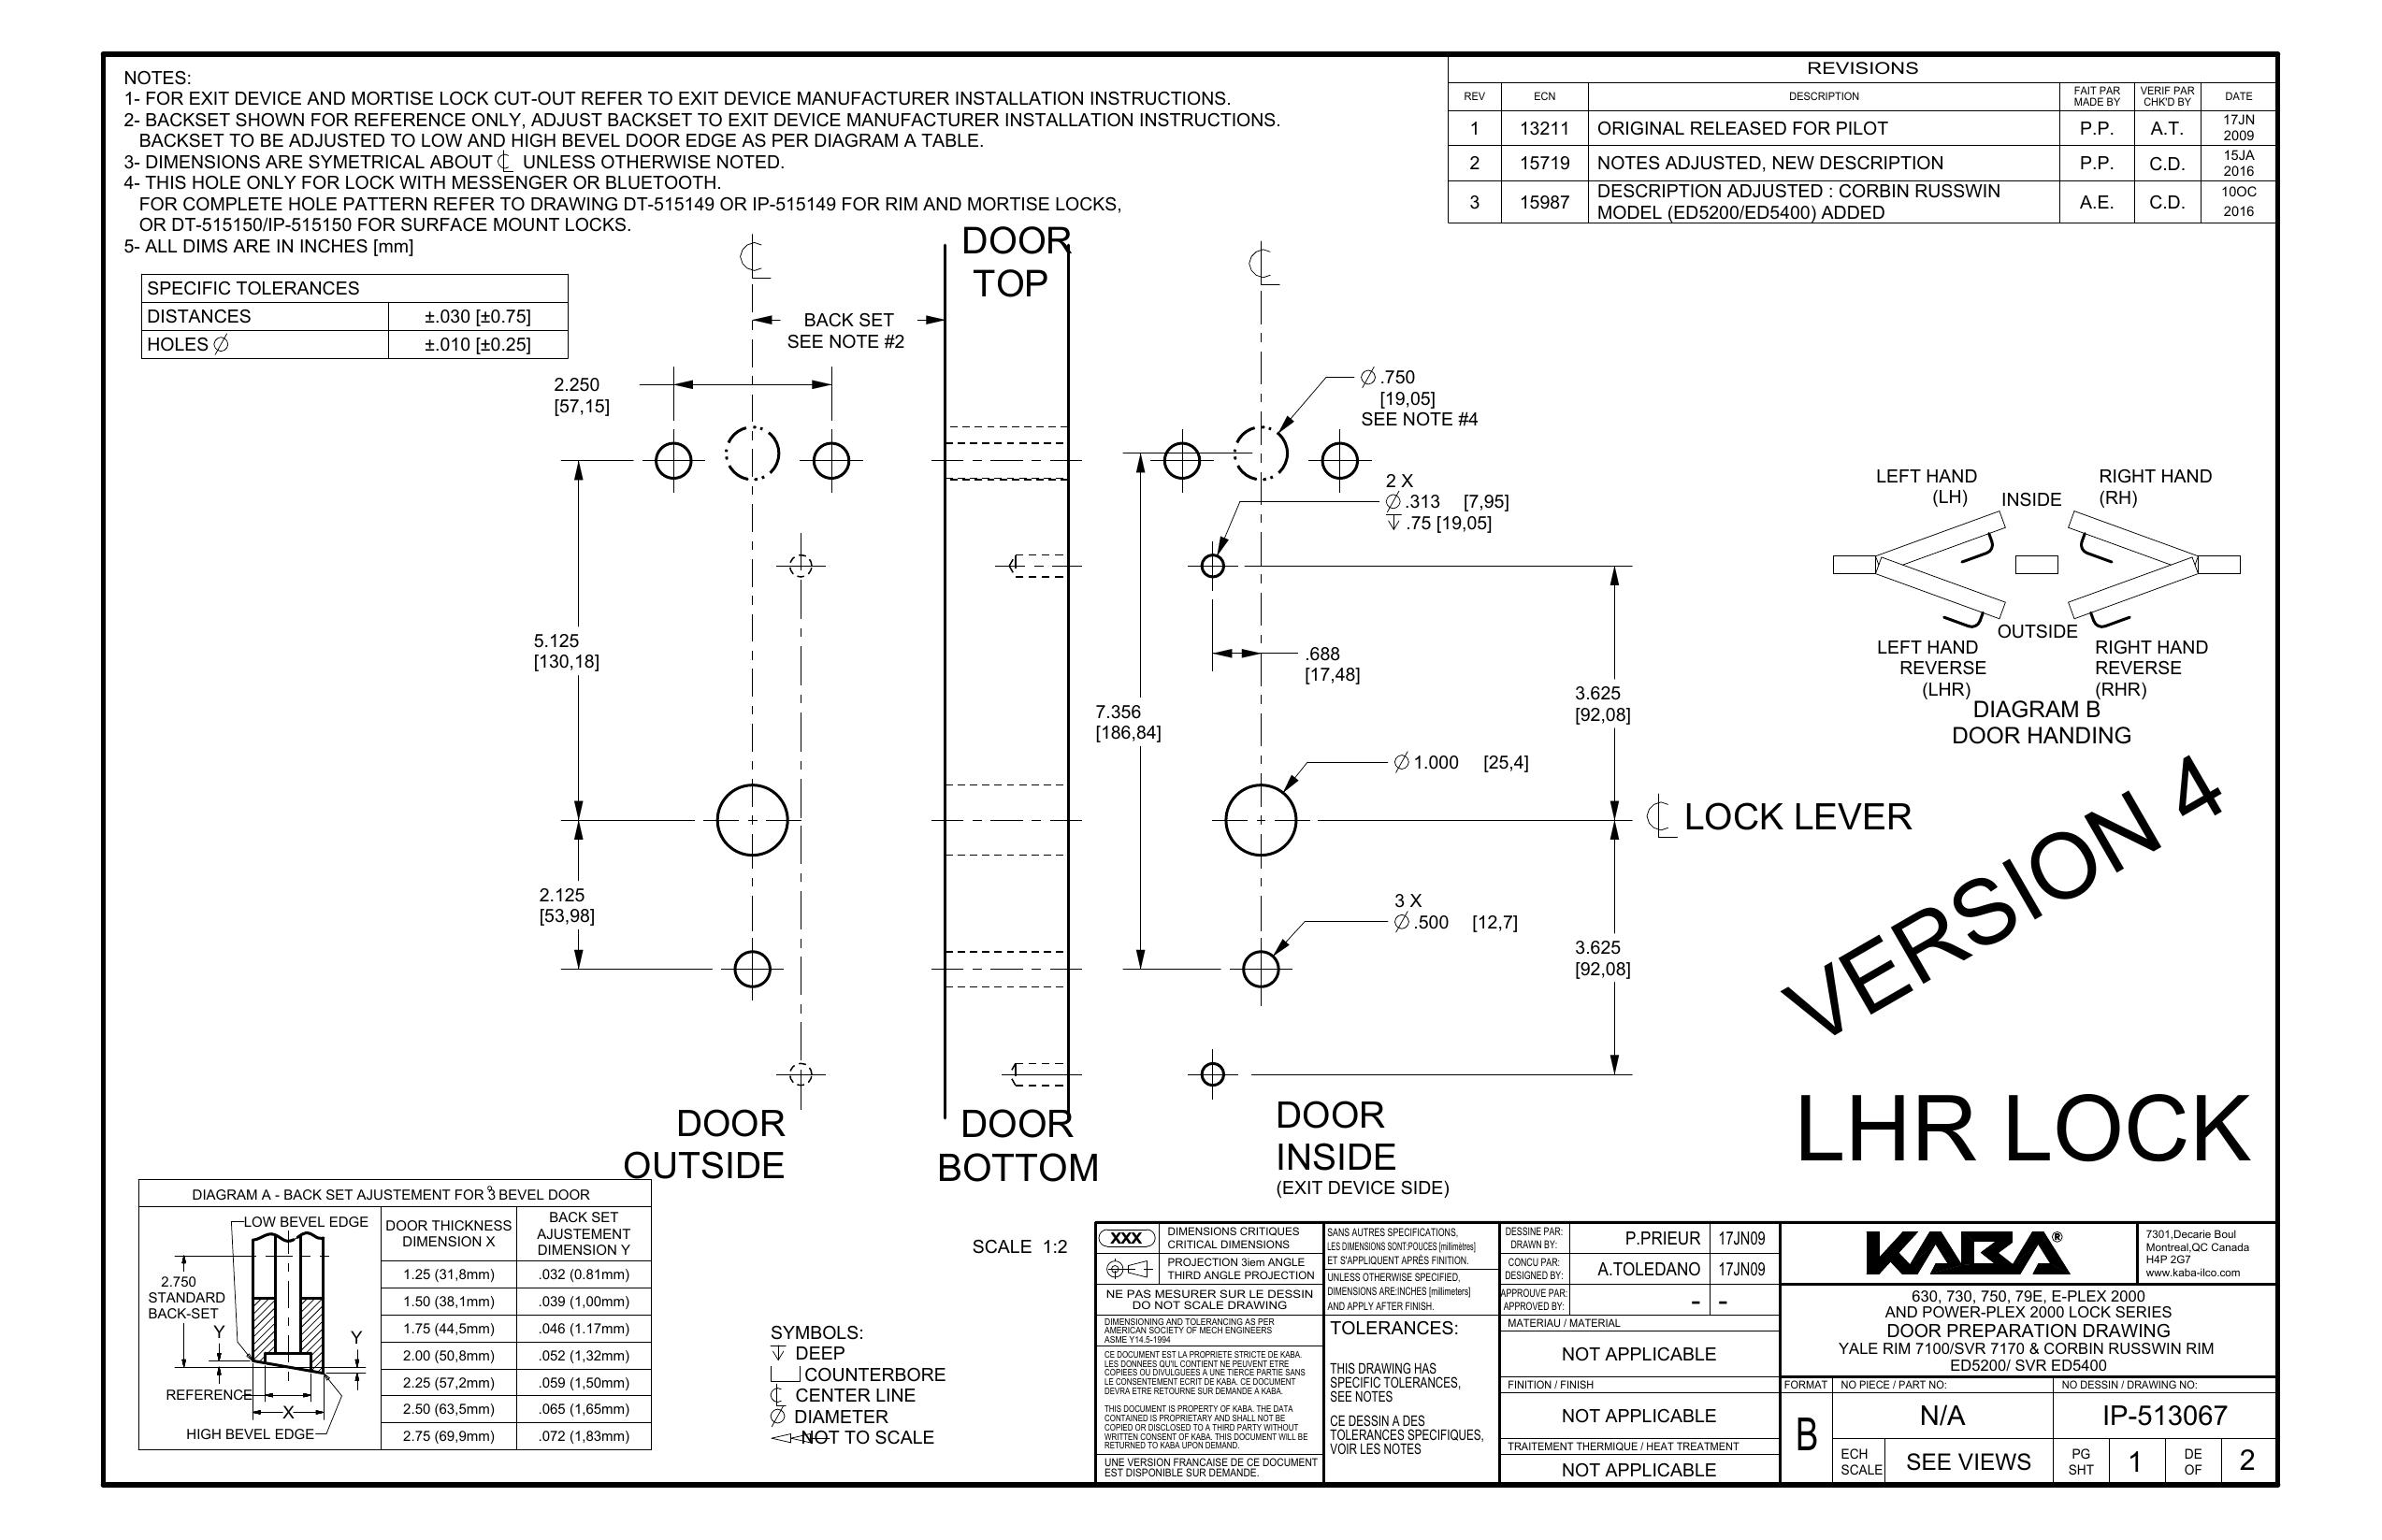 asco wiring diagram 617420 037 kaba wiring diagrams kobeds 10 espressotage de  kaba wiring diagrams kobeds 10